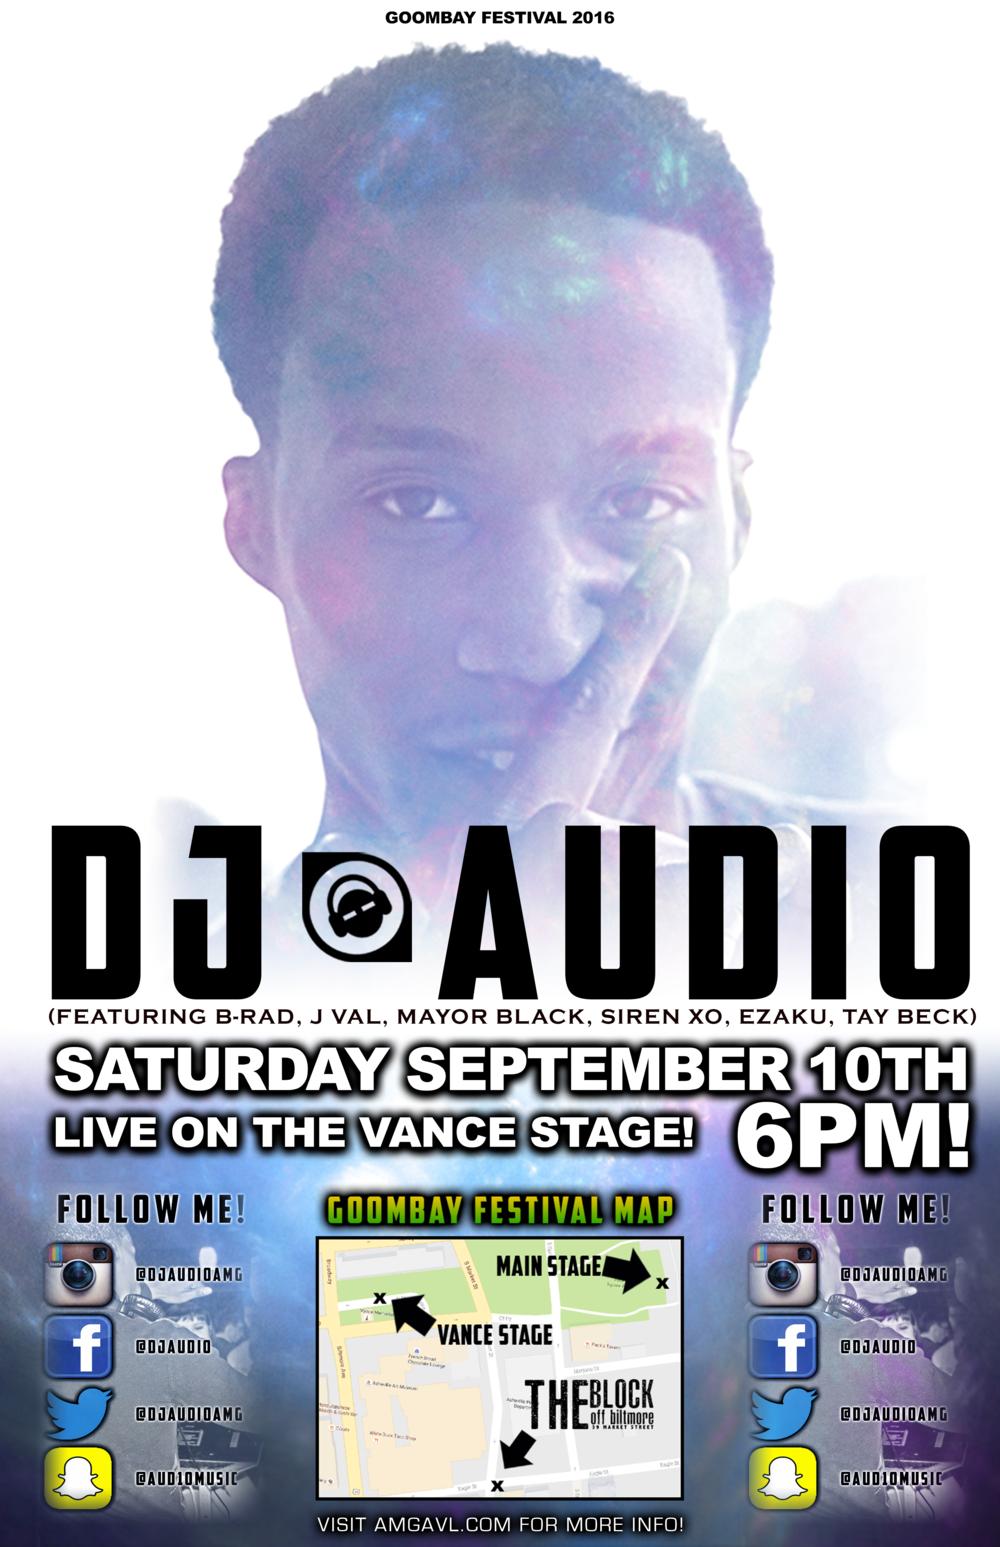 DJ AUDIO GOOMBAY PROMO 1.png